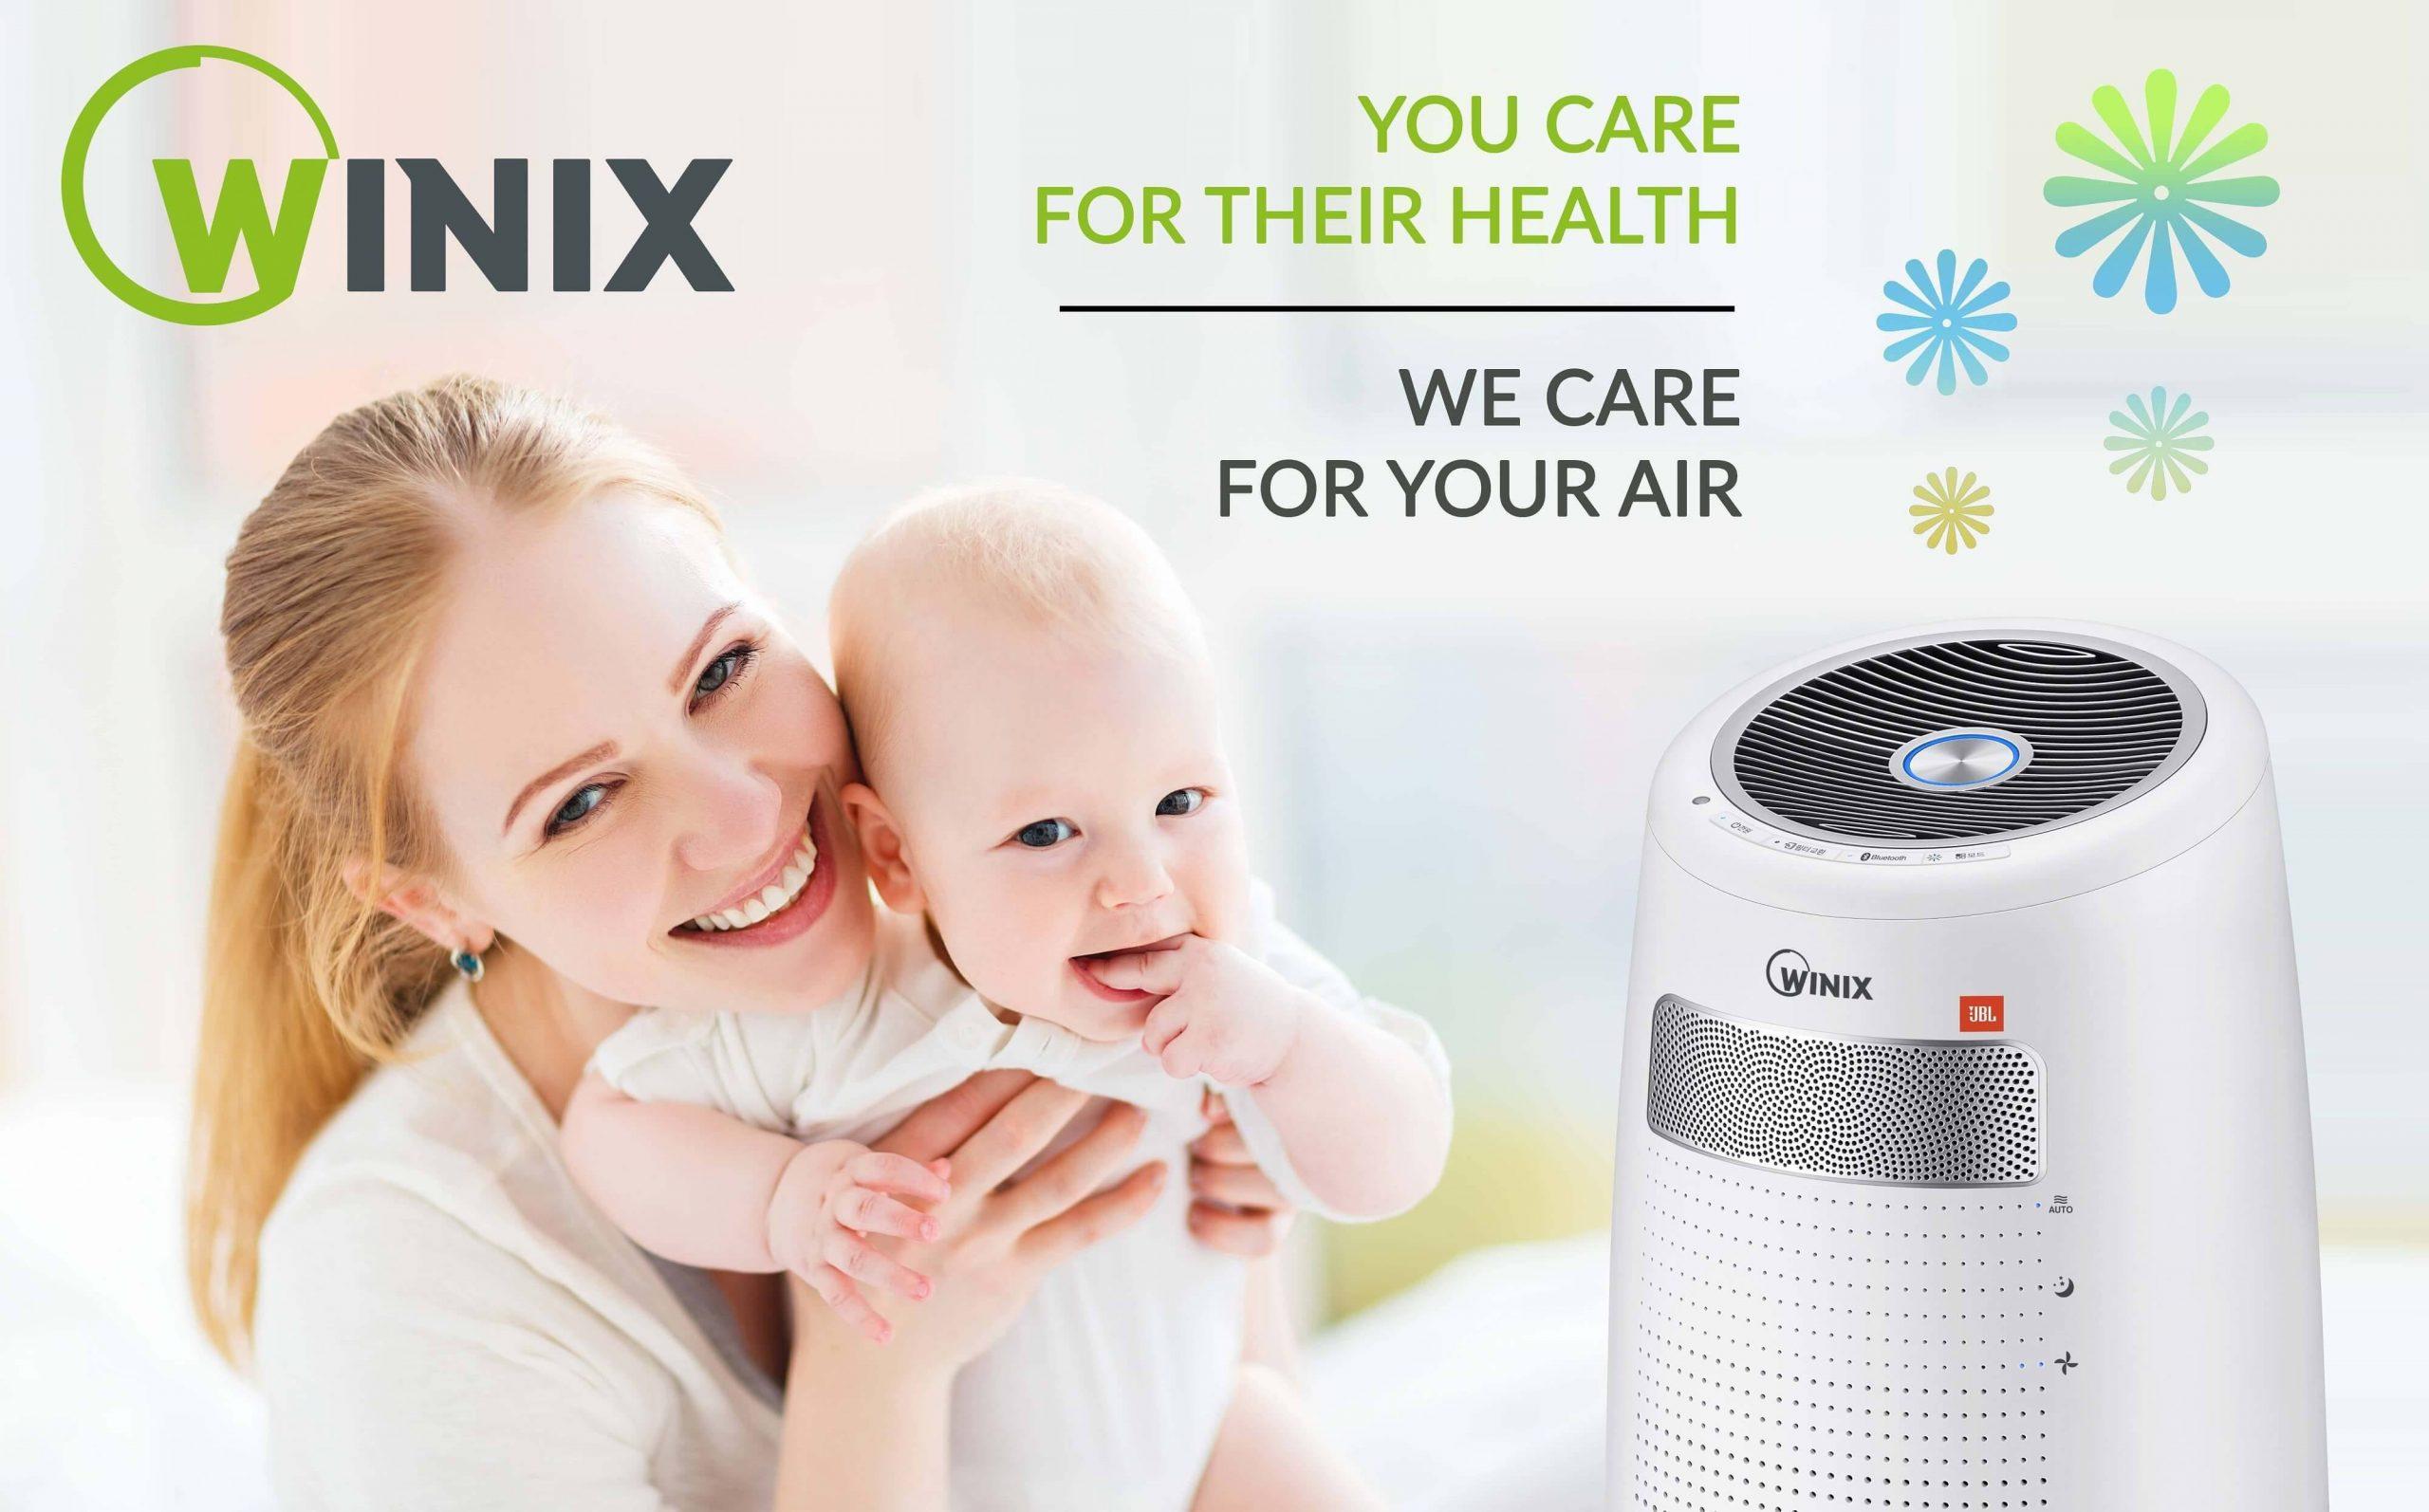 Temiz Hava Soluyabilmek Için Winix Hava Temizleme Cihazları.